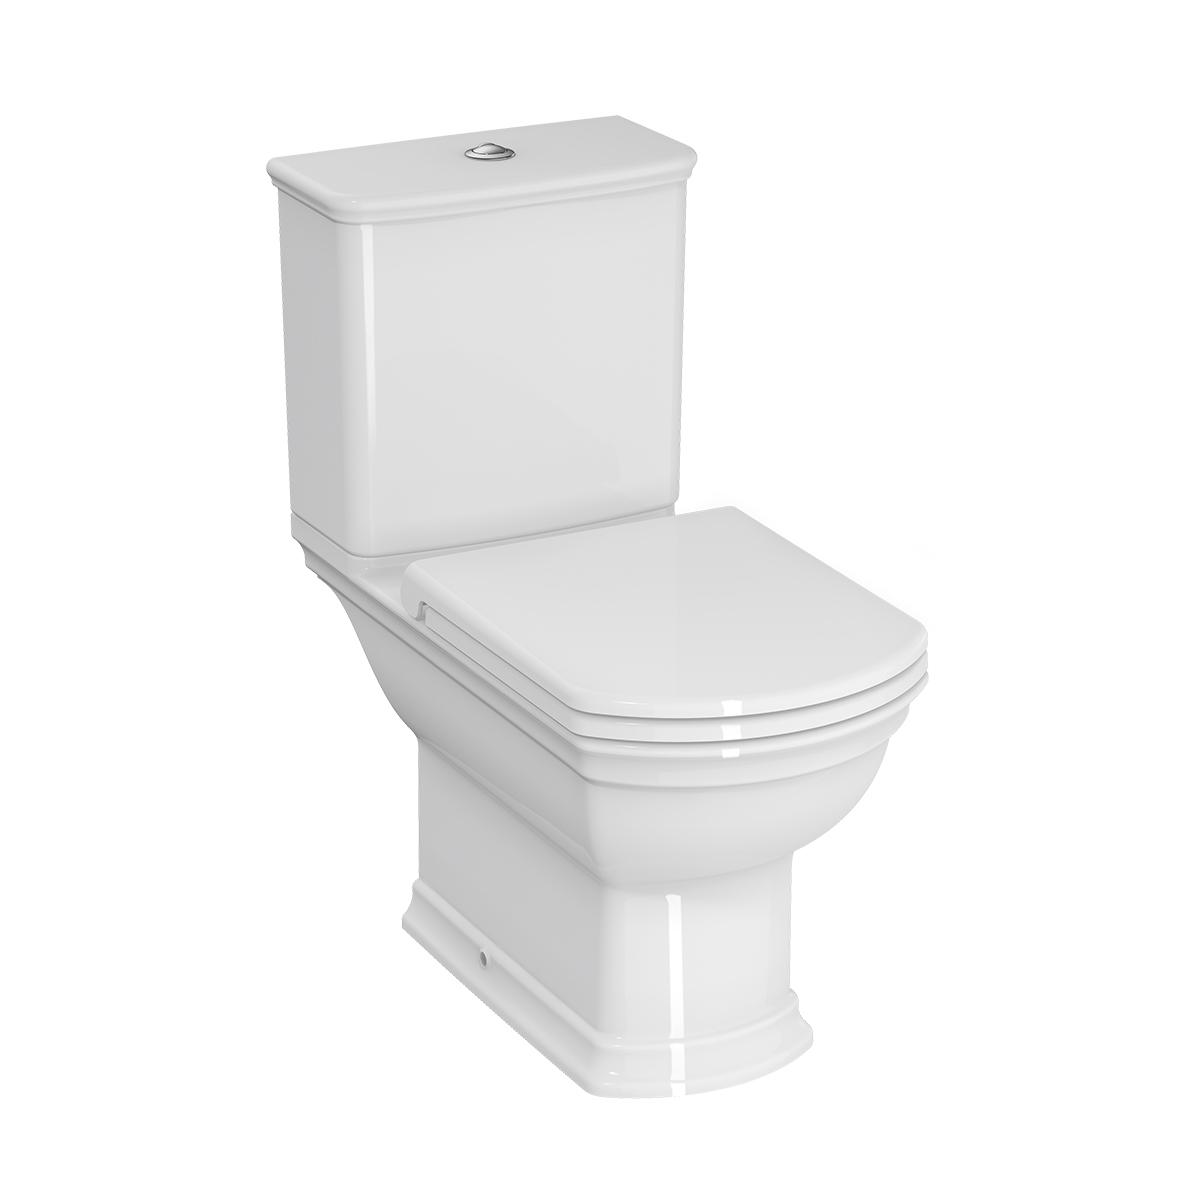 Valarte WC à poser avec bride, open back, 70 cm, blanc